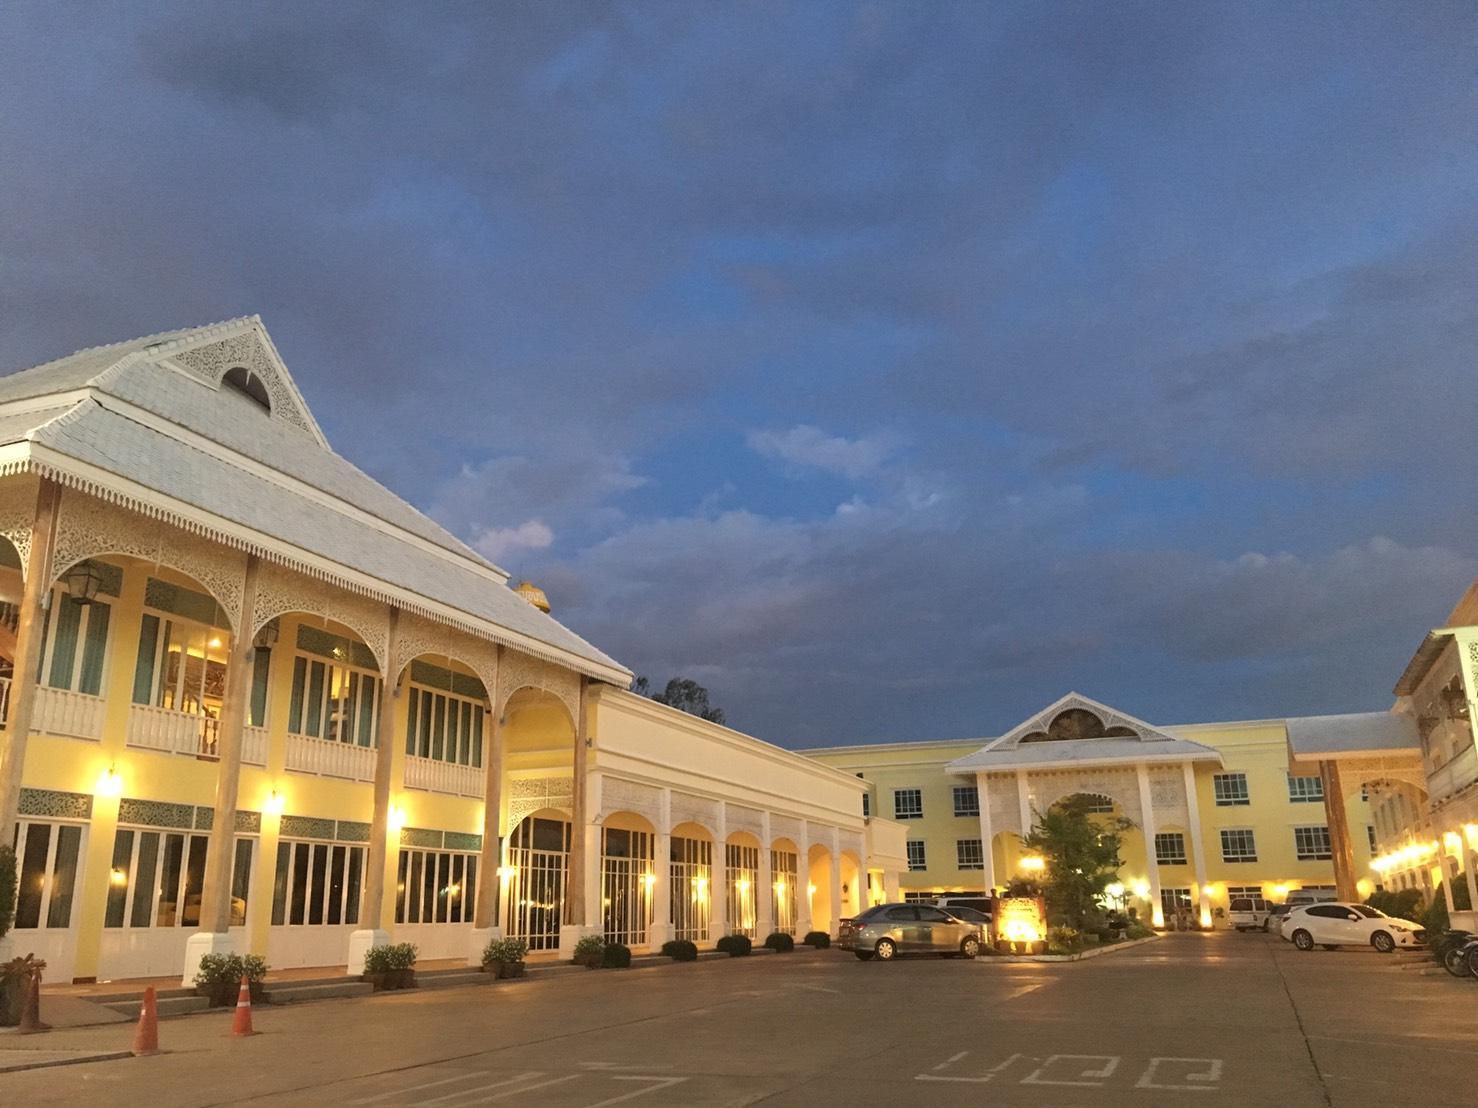 โรงแรม อมรรักษ์โฮเทล